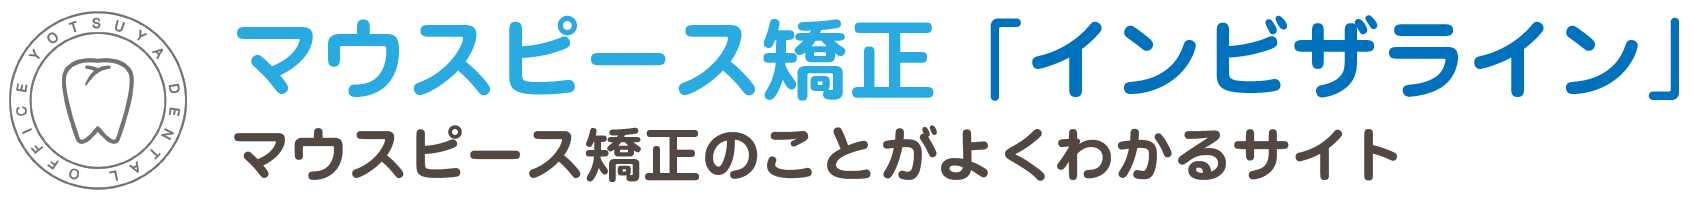 東京都新宿区四ツ谷でのマウスピース矯正|『マウスピース矯正(インビザライン)』